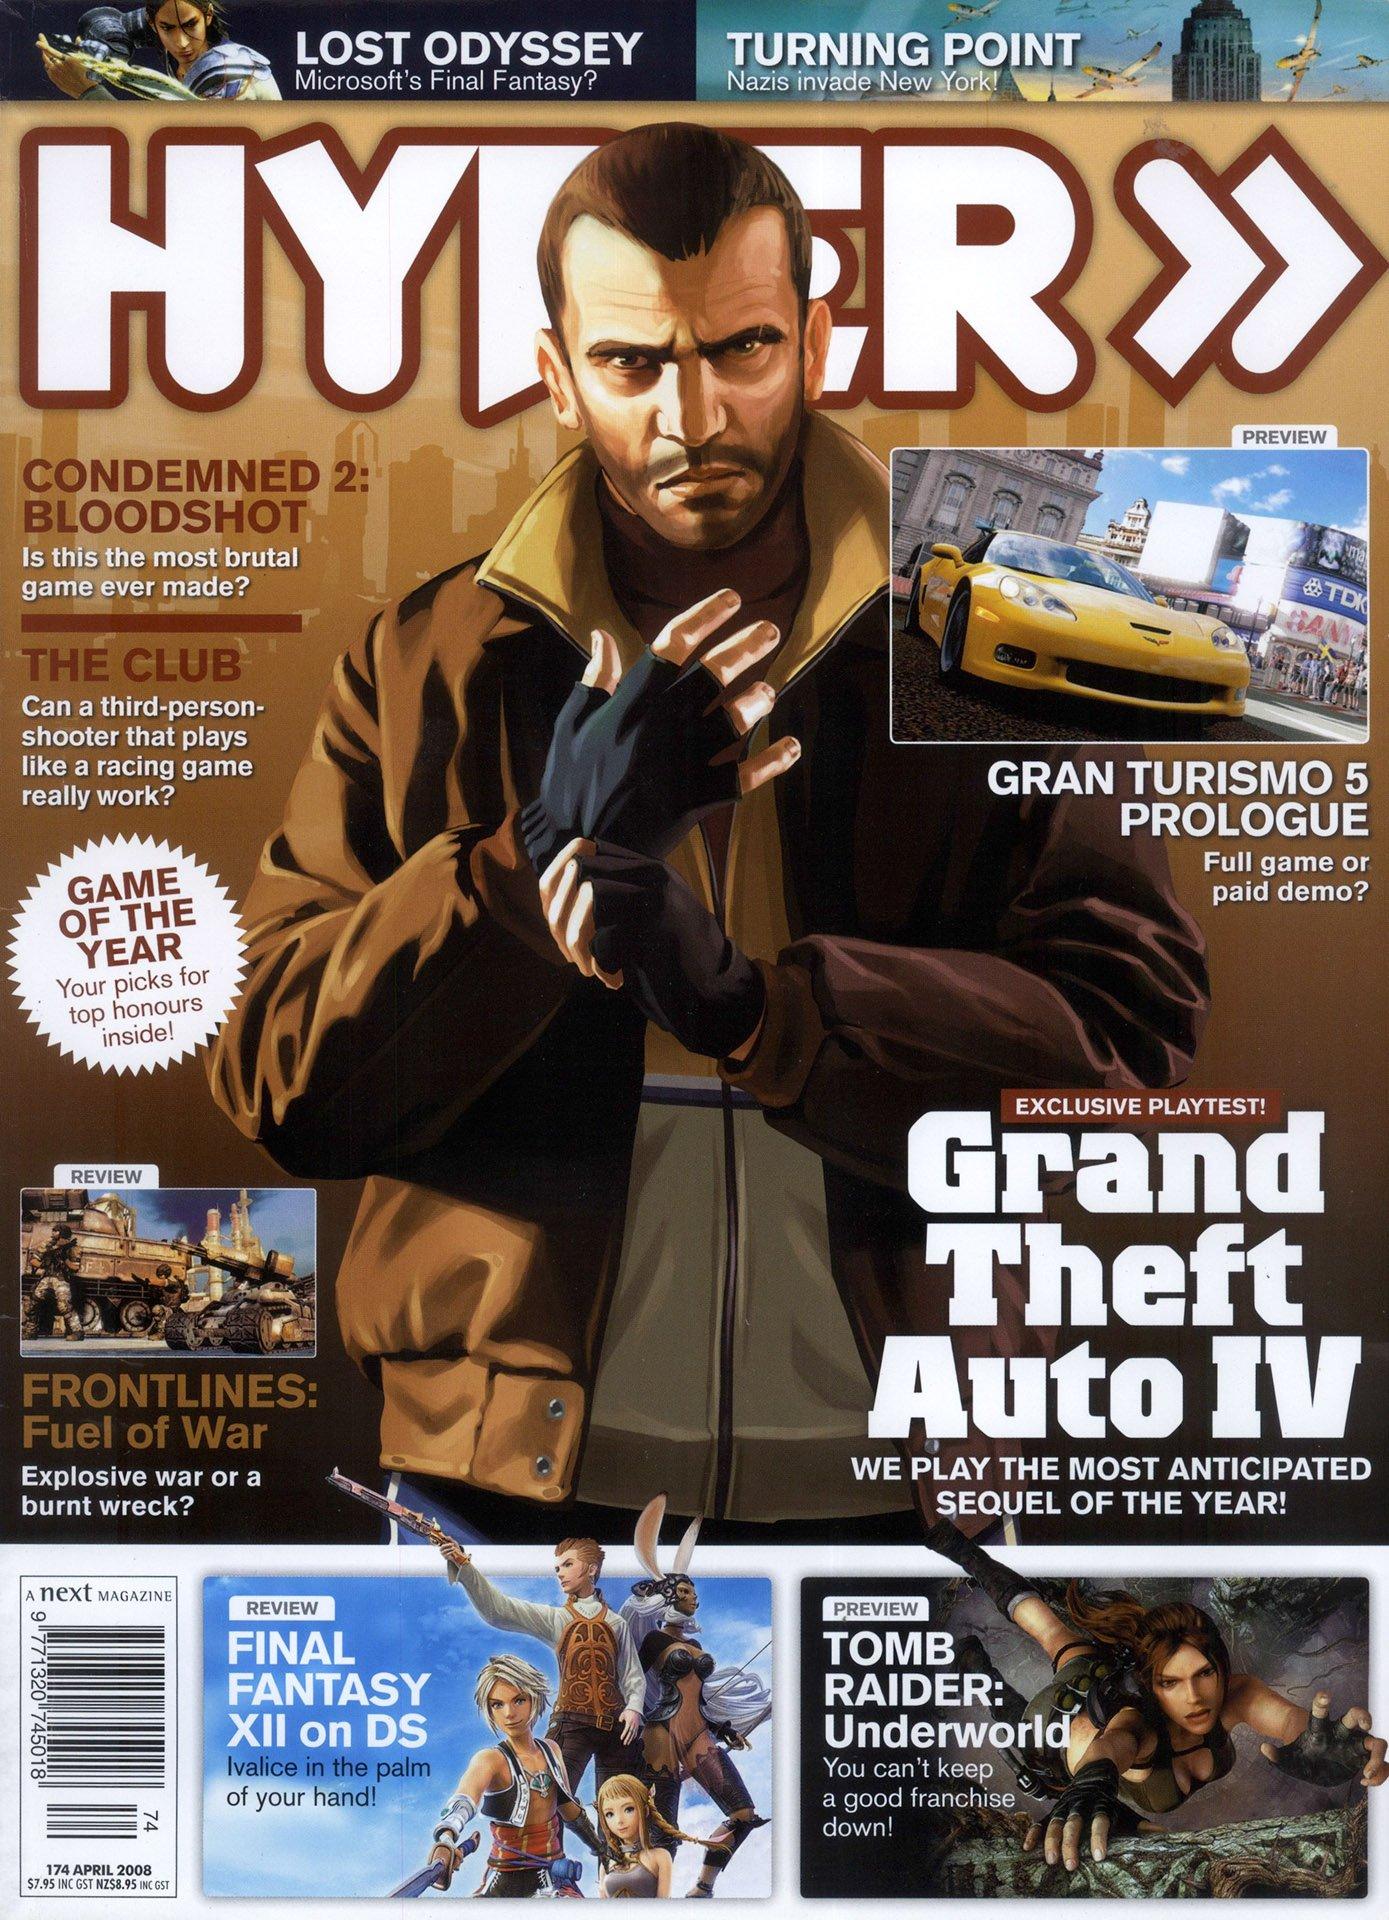 Hyper 174 (April 2008)